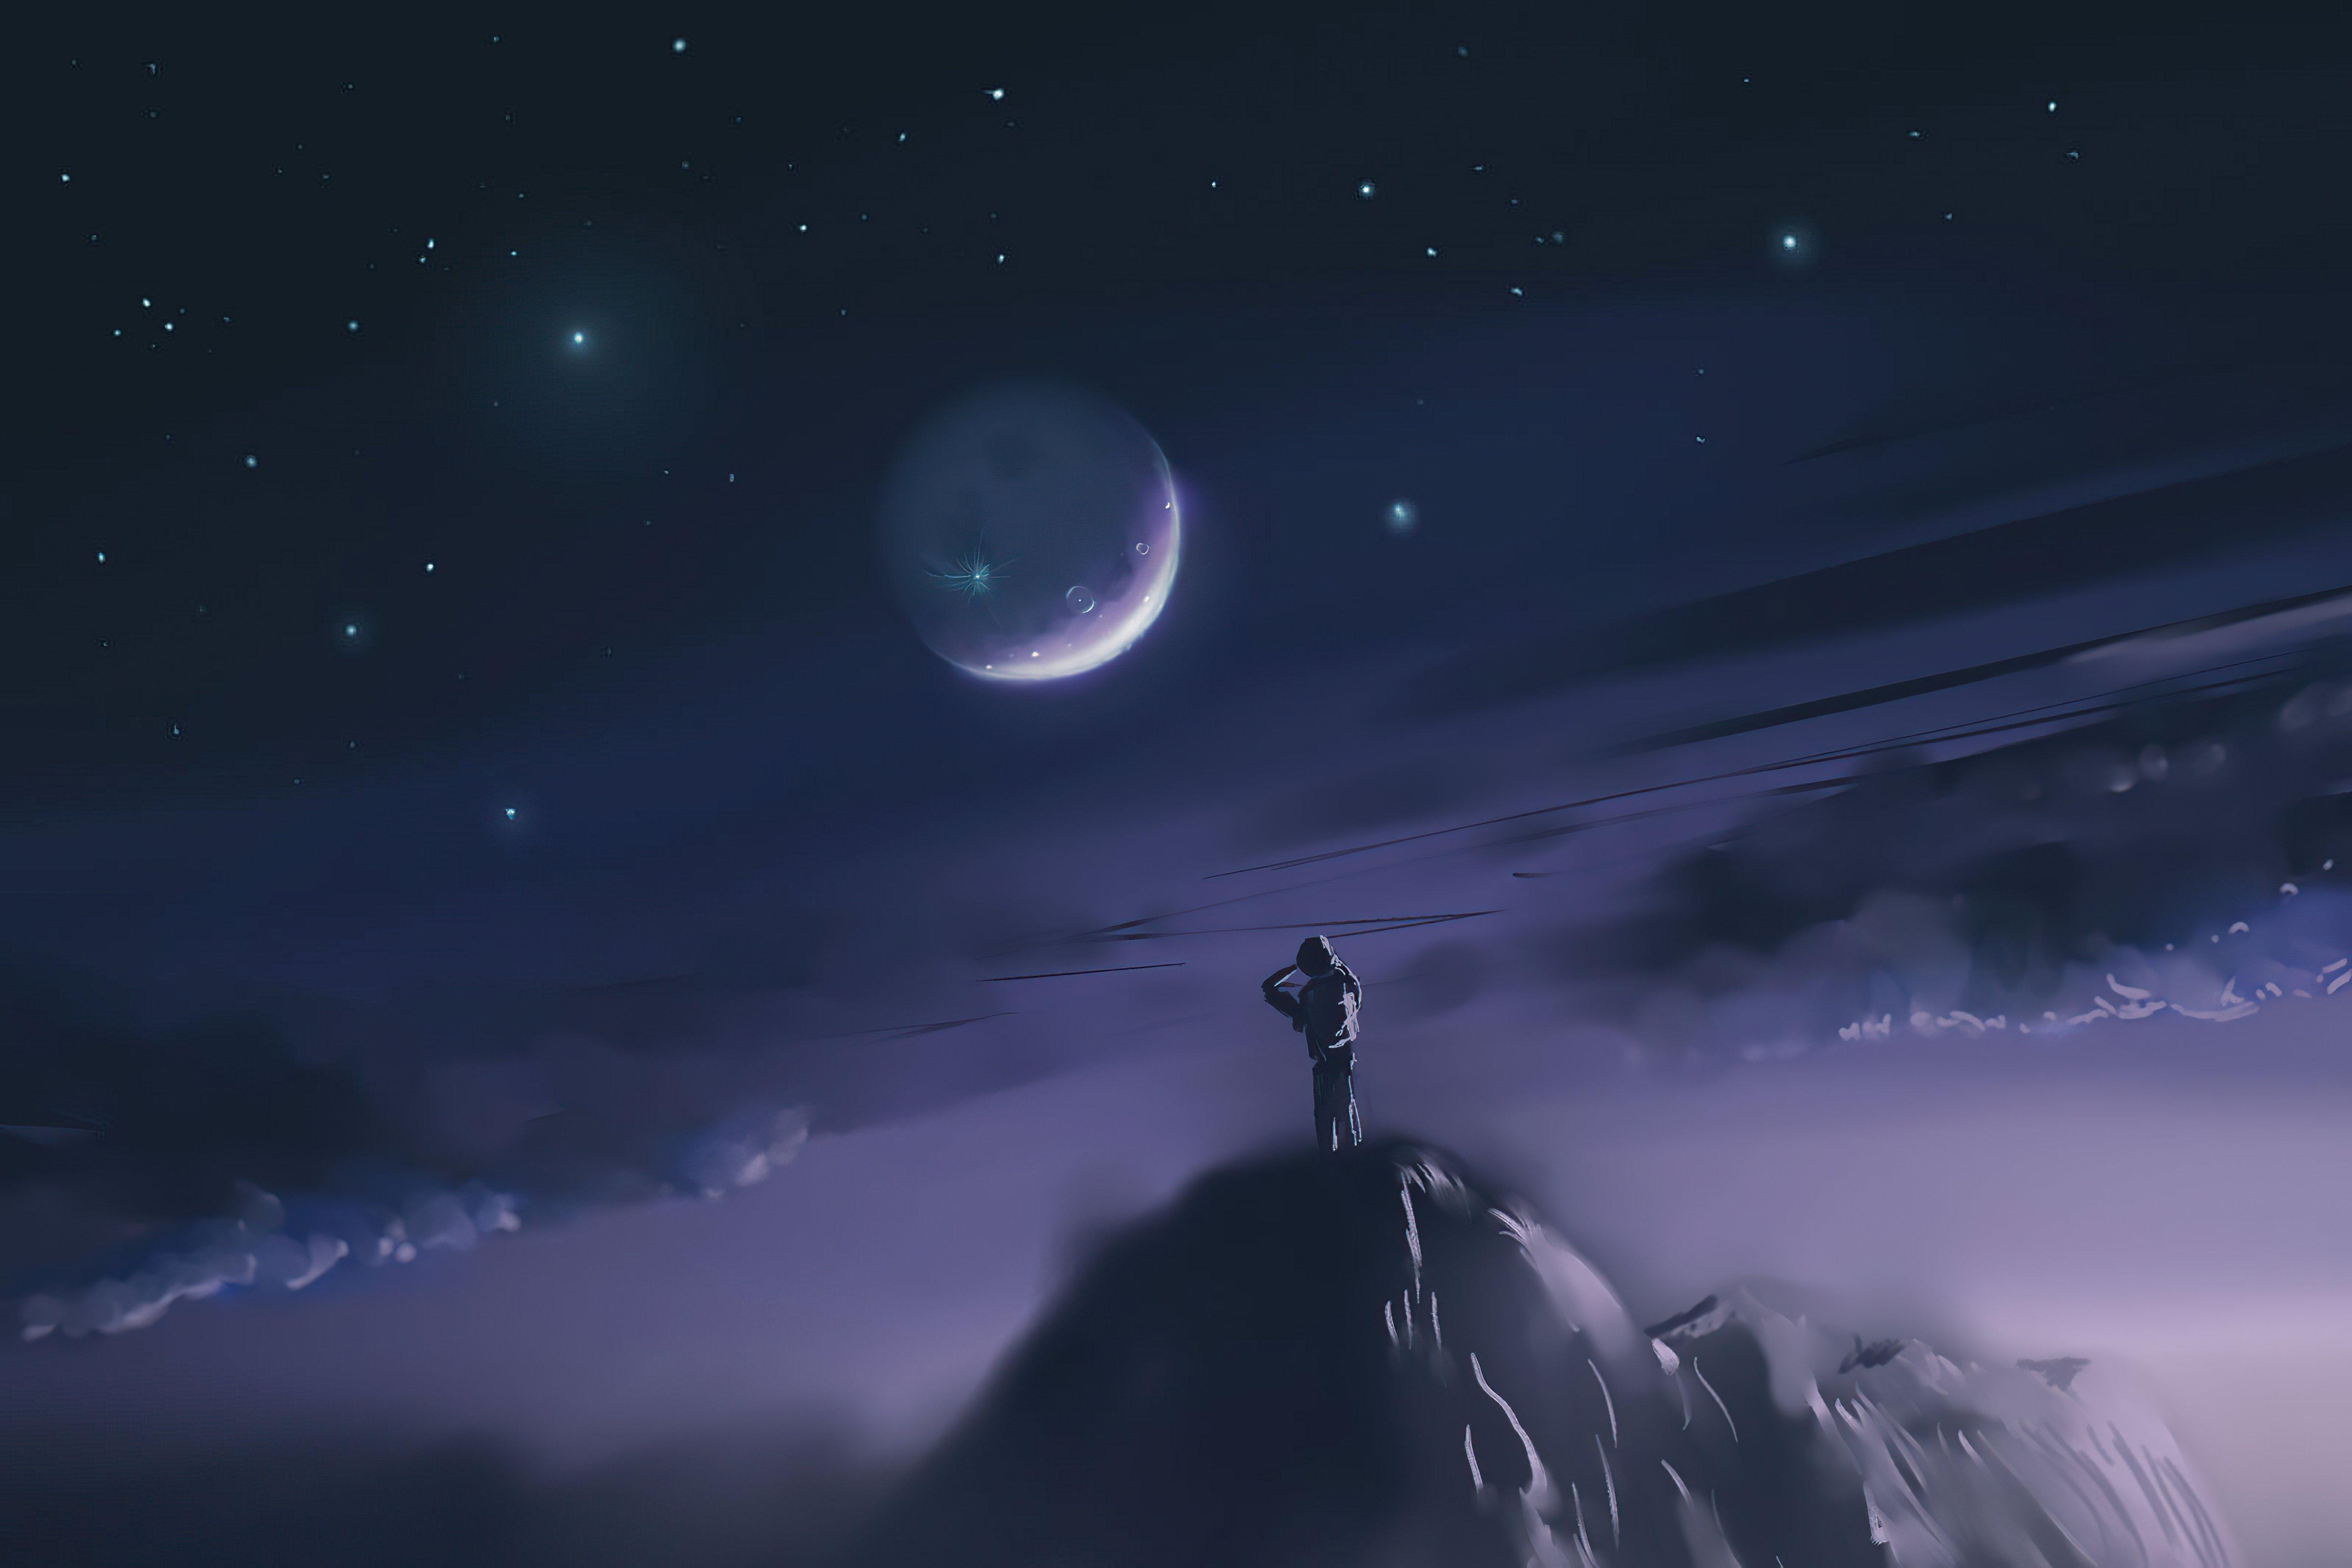 Fondos de pantalla Hombre sobre montaña mirando a la luna Arte Digital